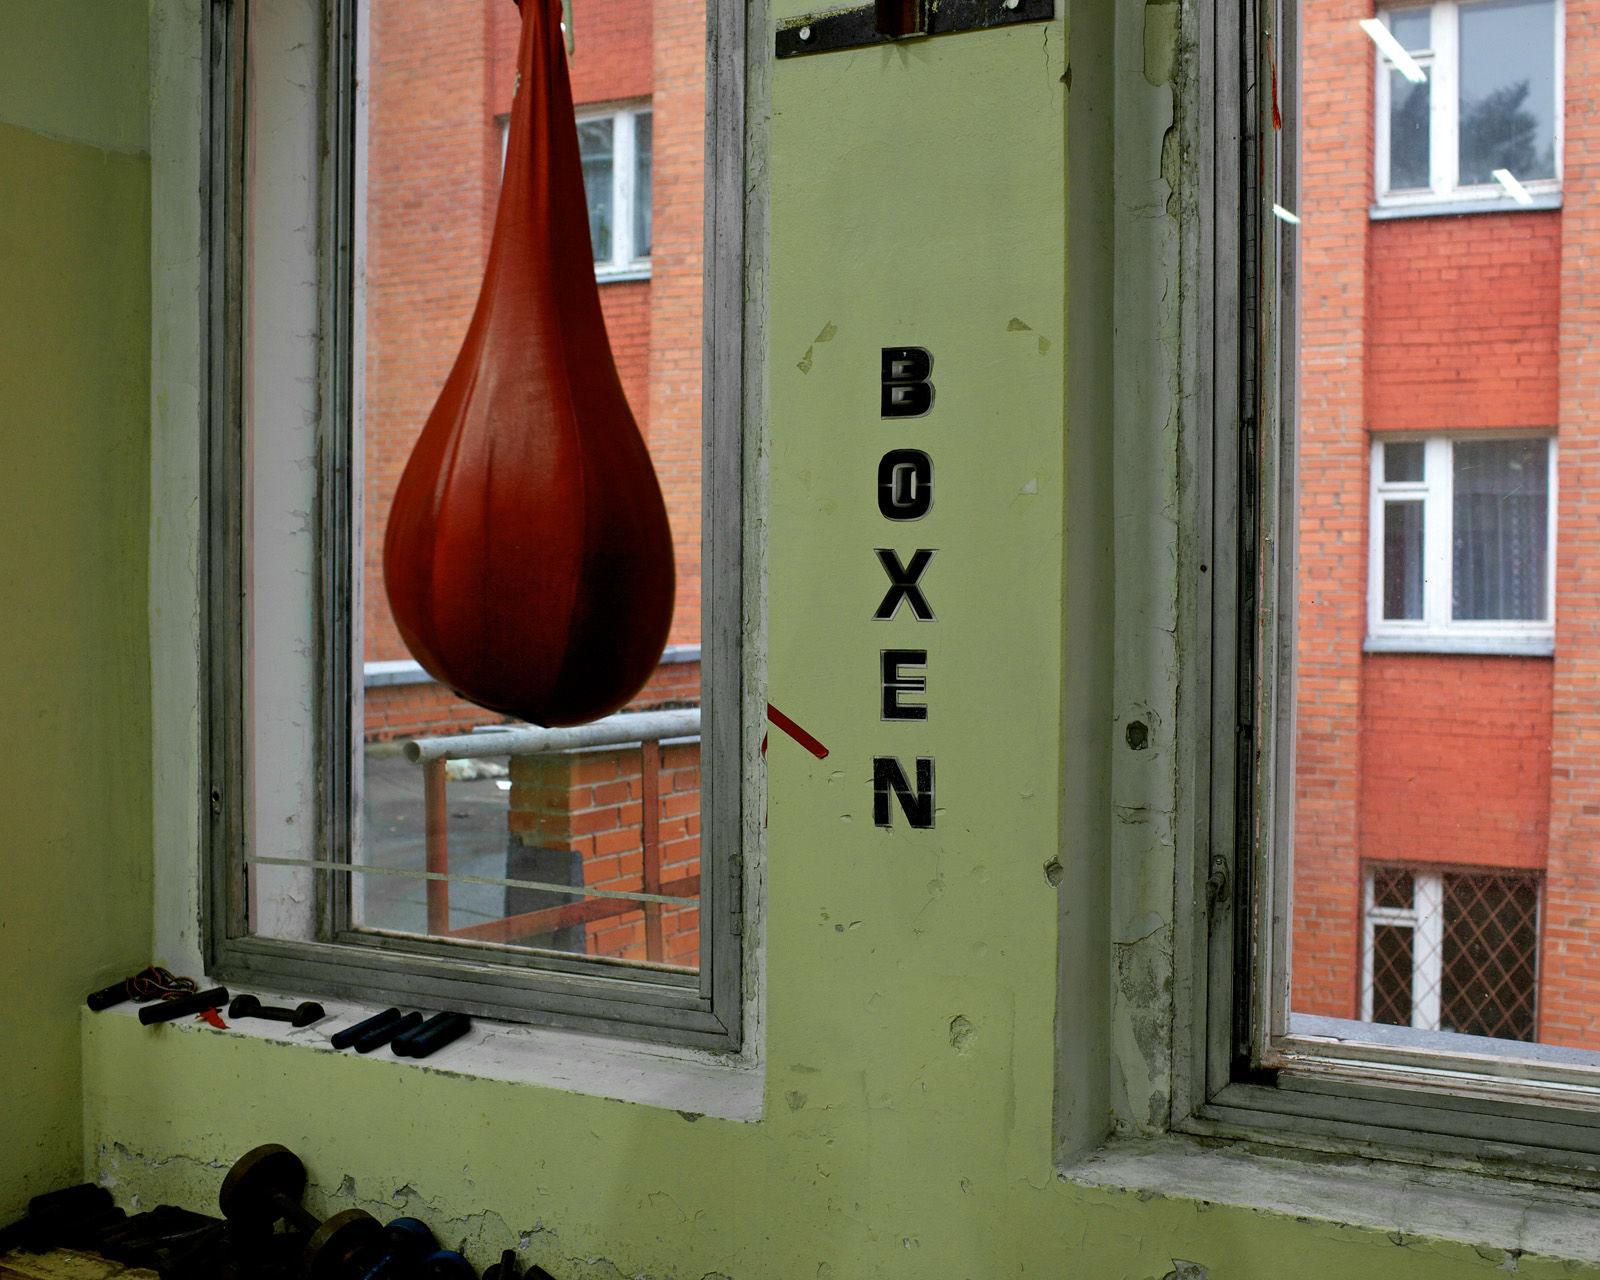 005_Visaginas_the-suspended_power_Visaginas_boxing-center_Digital.jpg